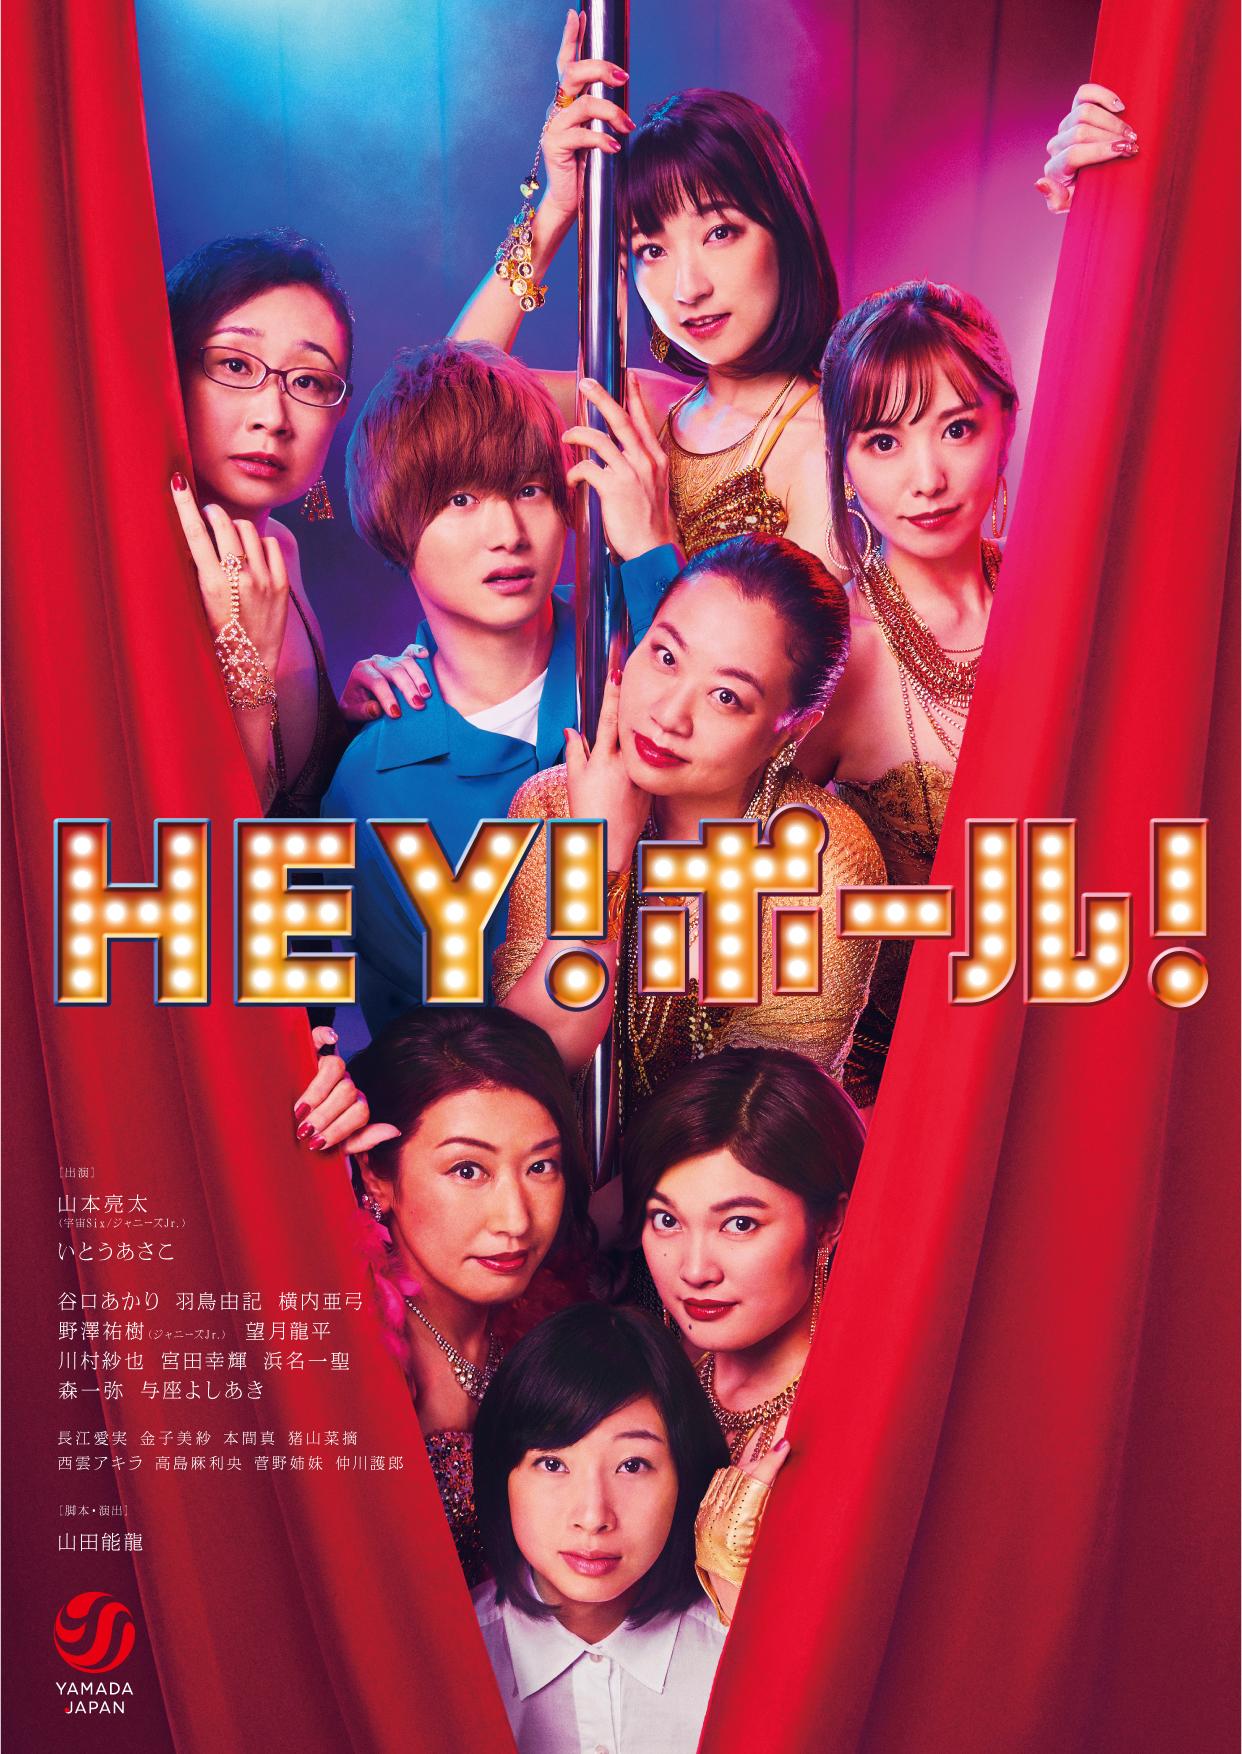 山田ジャパン10周年記念公演 第3弾 『HEY!ポール!』